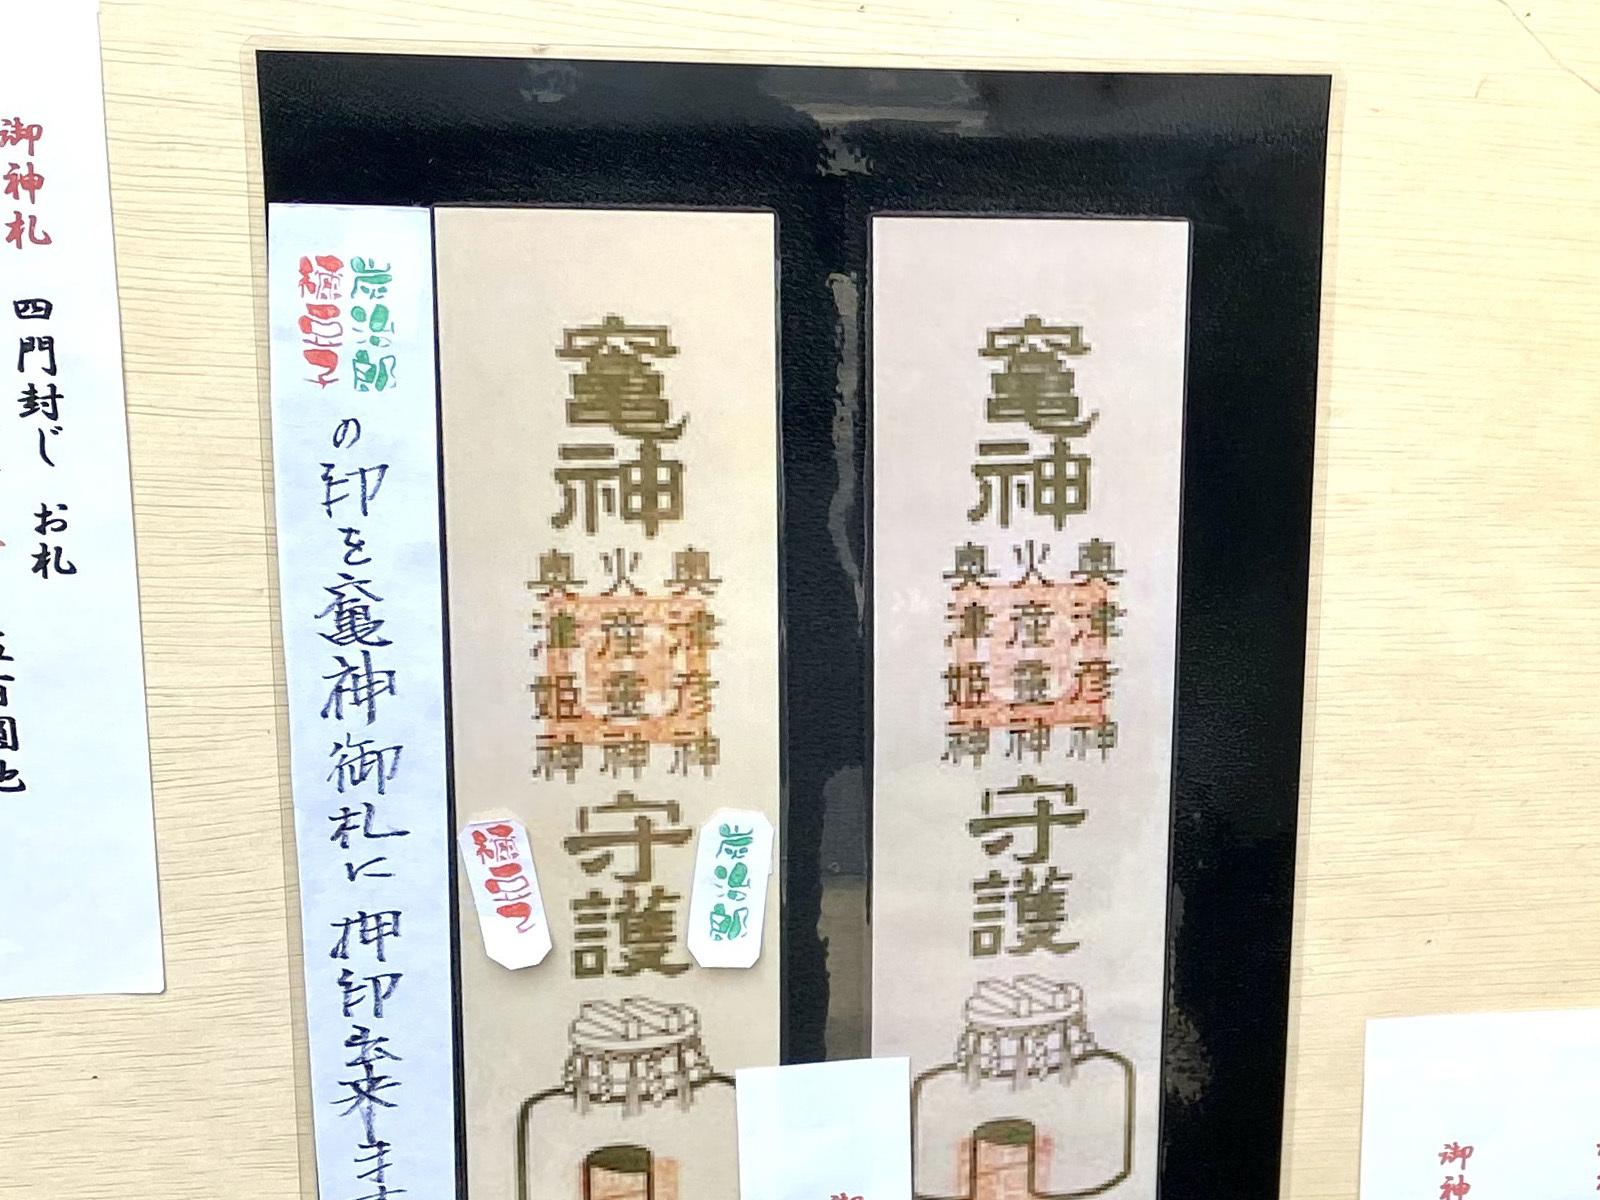 岩田神社 07 お札アップ